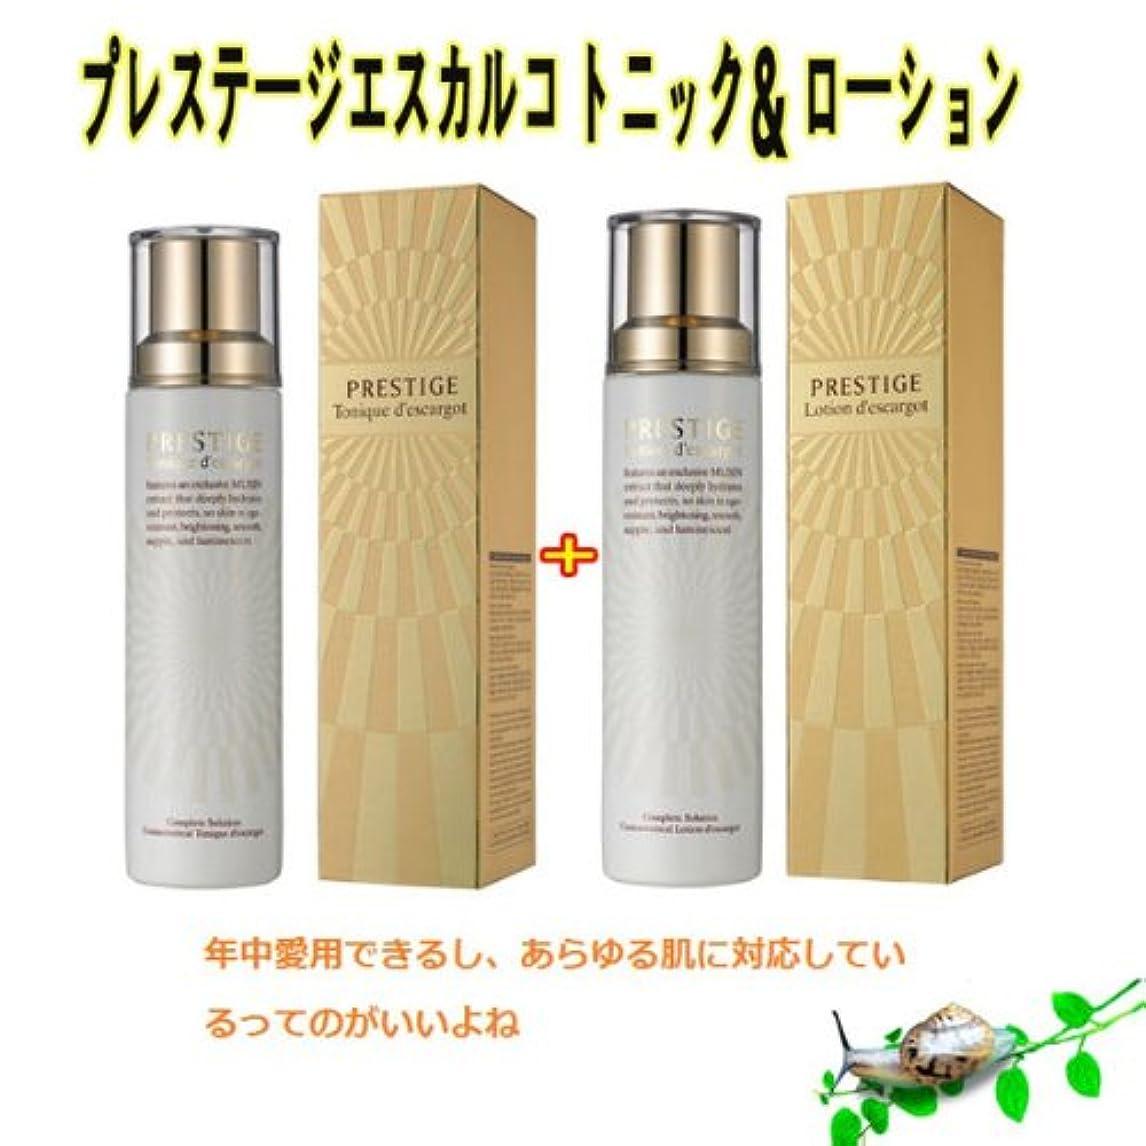 現象急流キャロラインIt's skin イッツスキン プレステージ エスカルゴ【化粧水+乳液】セット